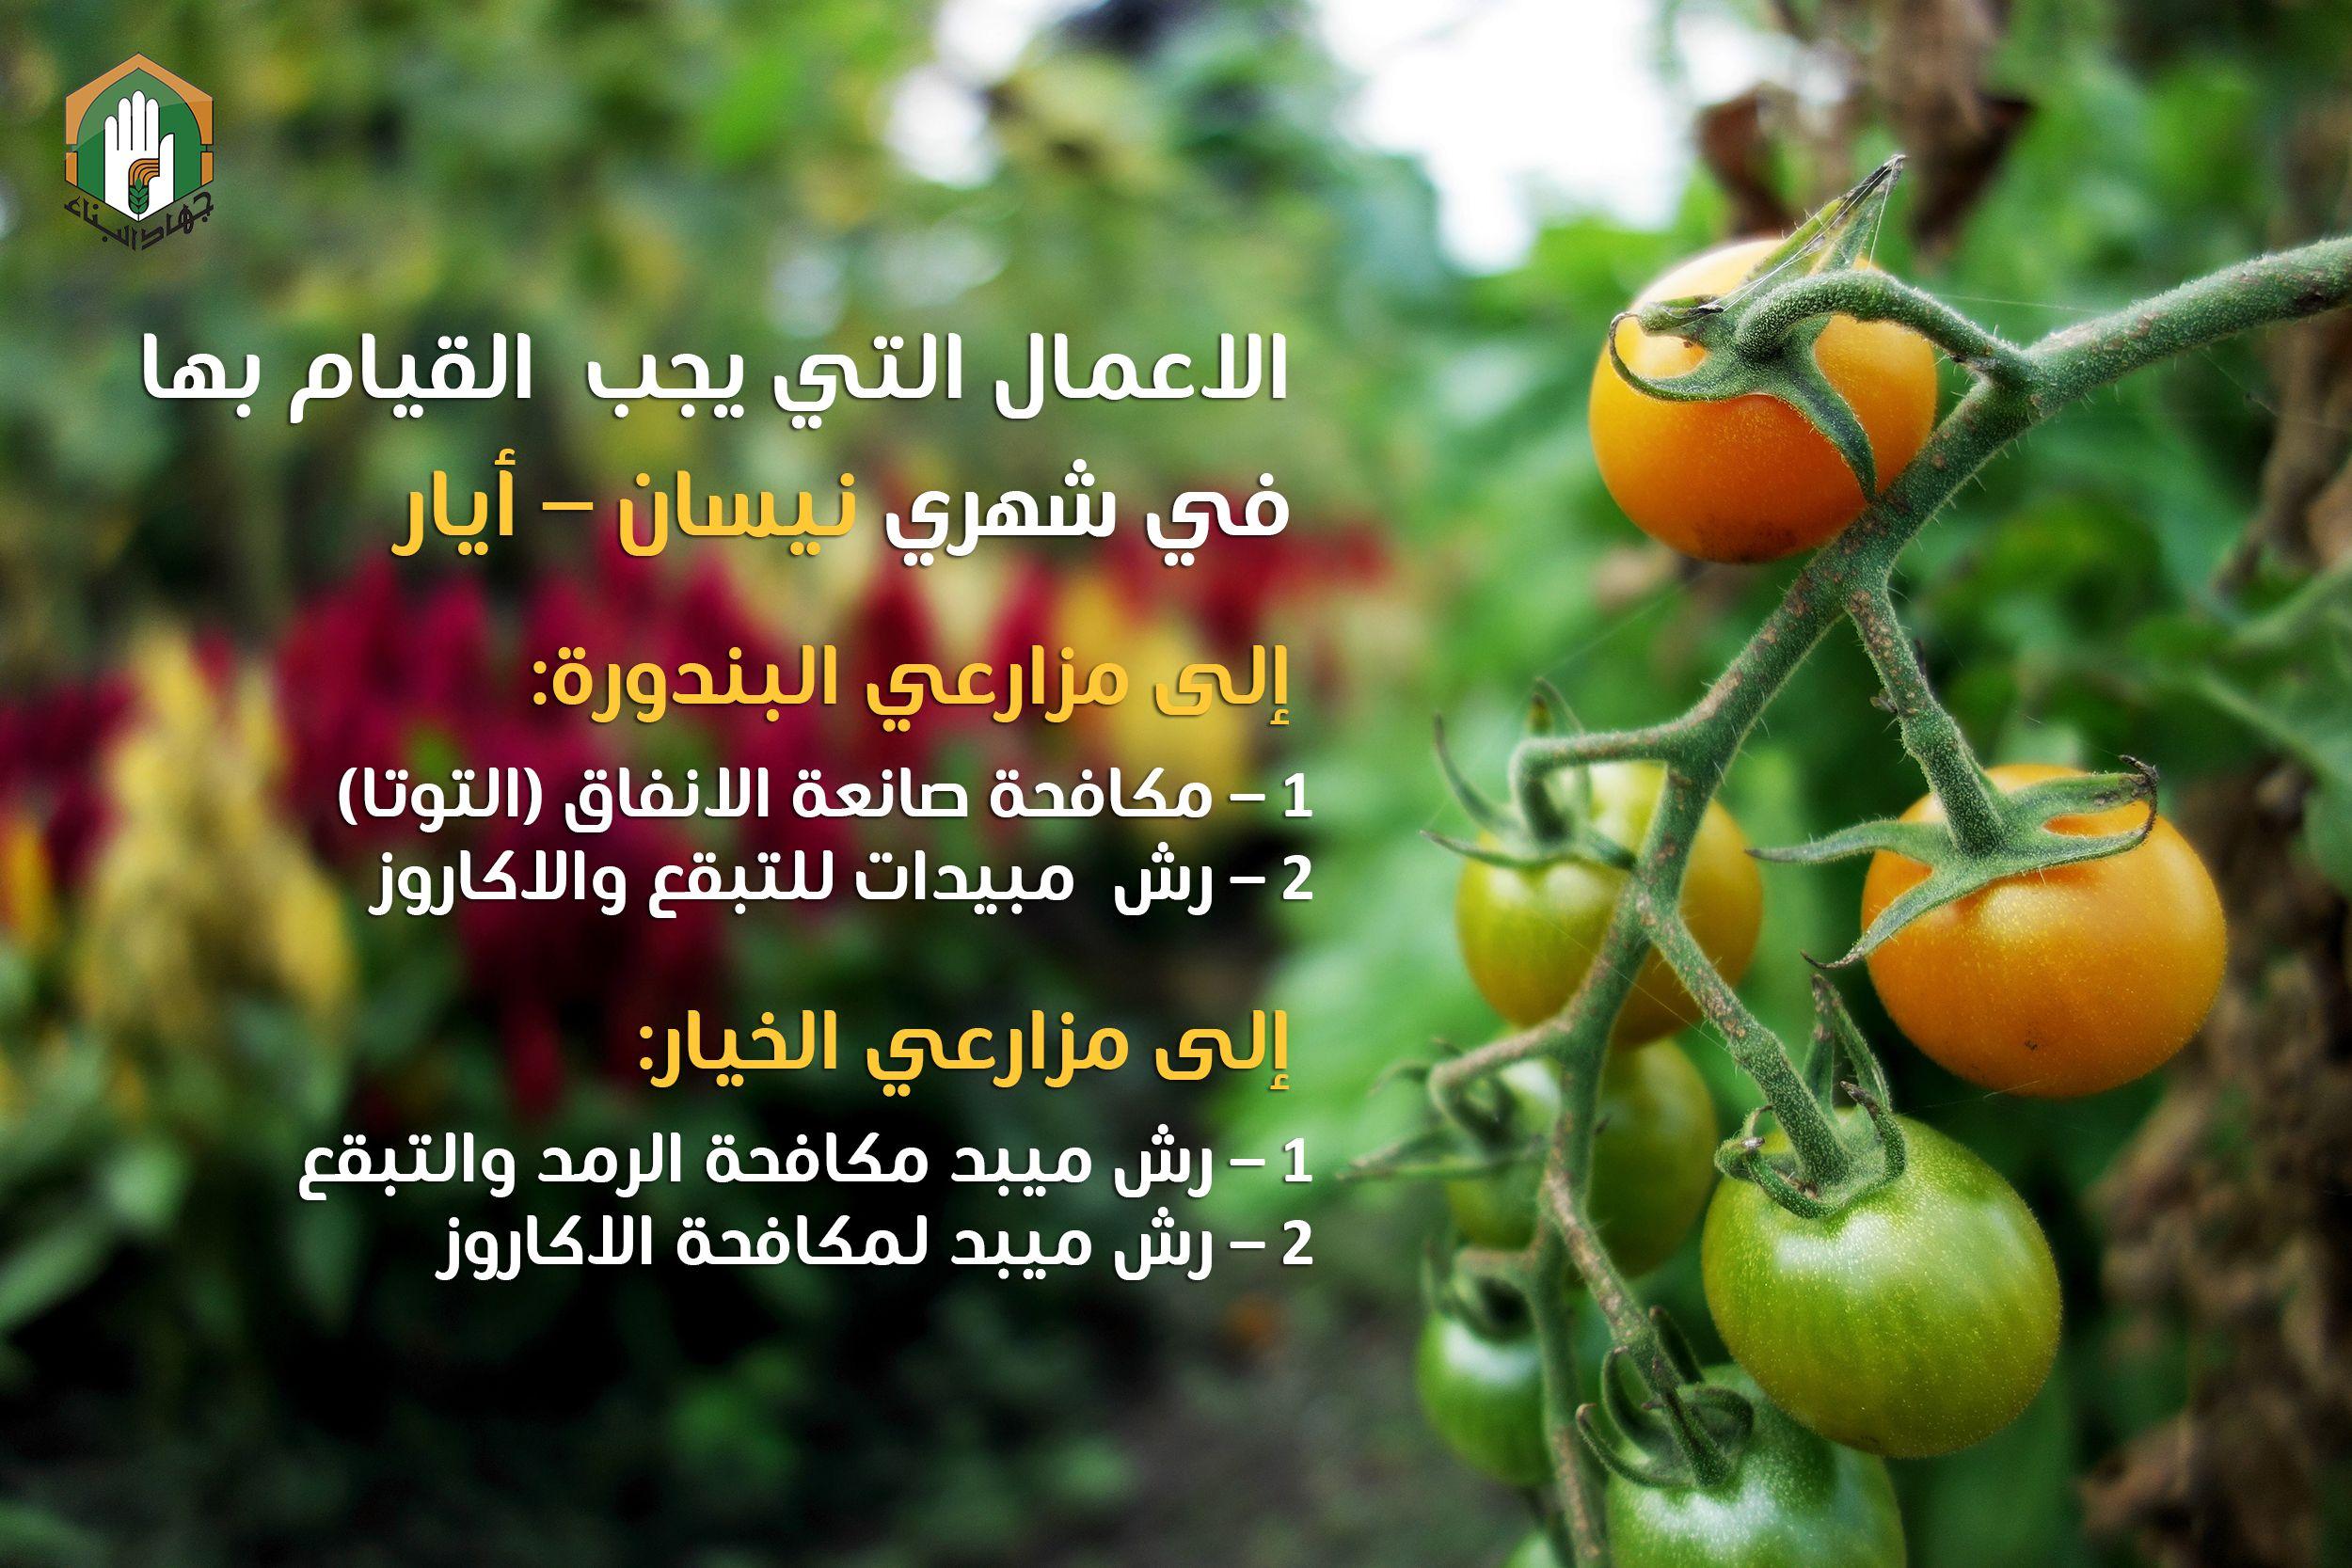 إلى مزارعي الخيار والبندورة Vegetables Plants